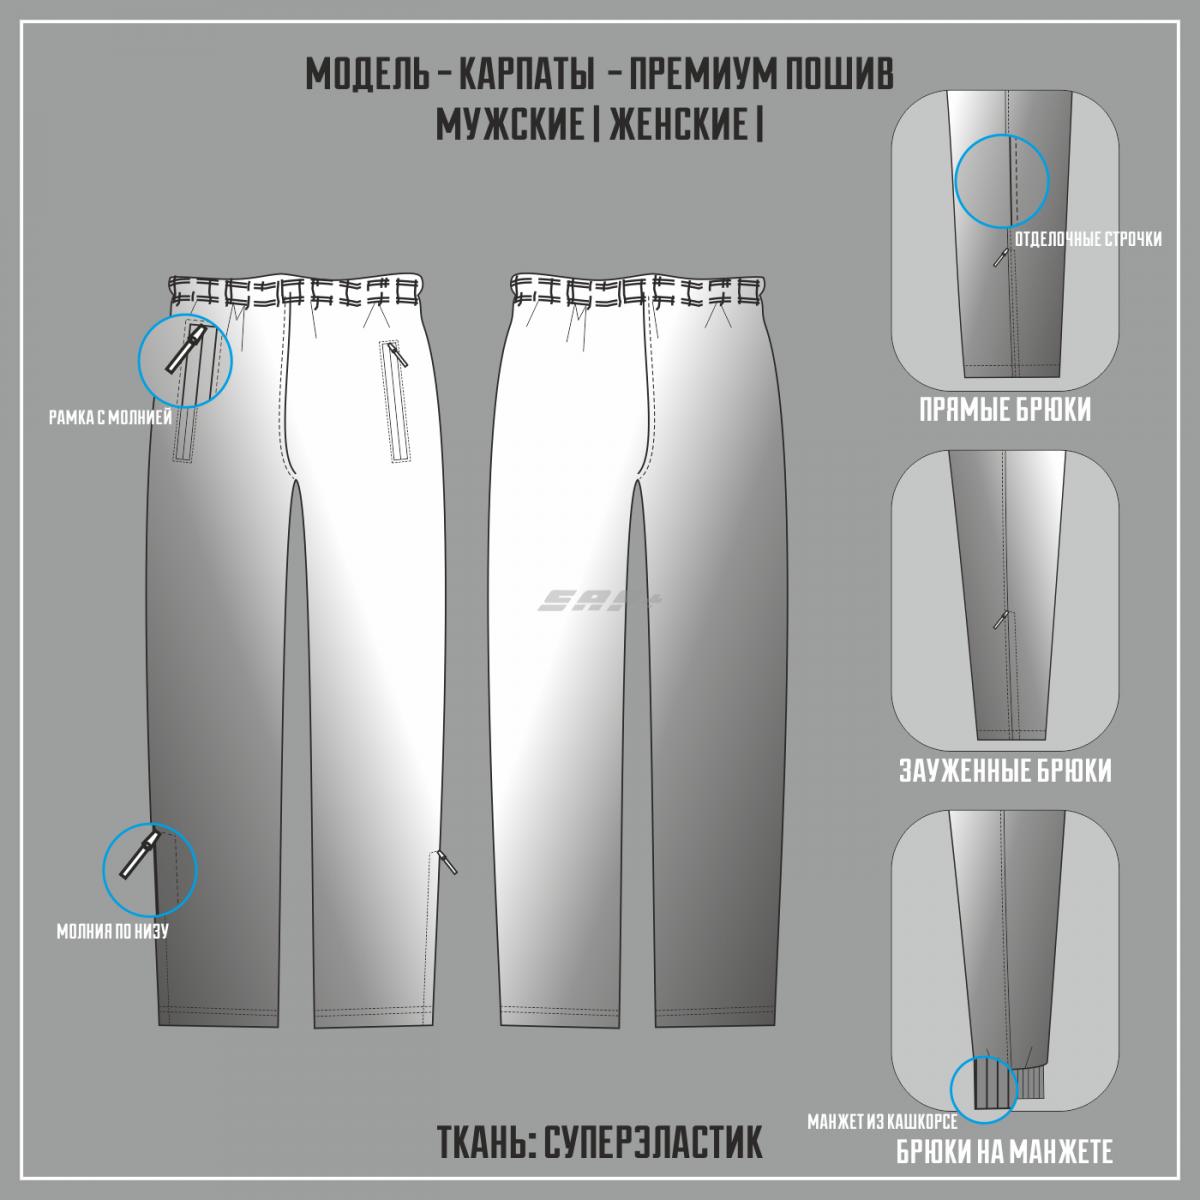 КАРПАТЫ-СУПЕРЭЛАСТИК ПРЕМИУМ брюки (Пошив из цветной ткани)